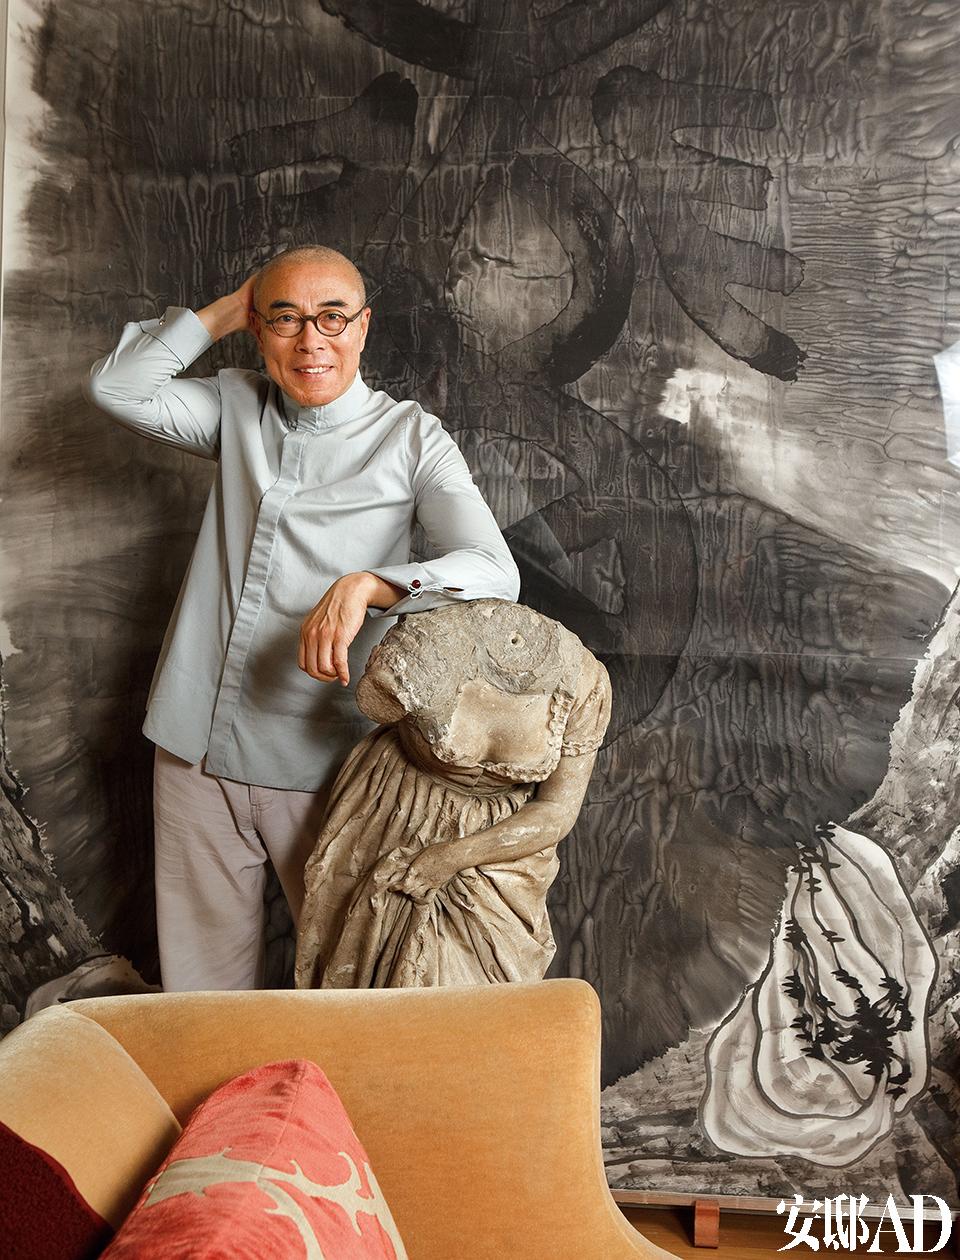 """男主人: 谷文达,当代备受国际瞩目的华人艺术家之一。他1955年生于上海,上世纪80年代移居纽约,作品以大胆激进、惊世骇俗著称,其中名为《天坛》的作品登上1999年3月号的《美国艺术》,影响了之后的一批艺术家。谷文达现生活、工作于纽约和上海两地。谷文达在自己位于纽约布鲁克林的家中,背景的""""水墨画""""是那幅著名的《联合国》。"""